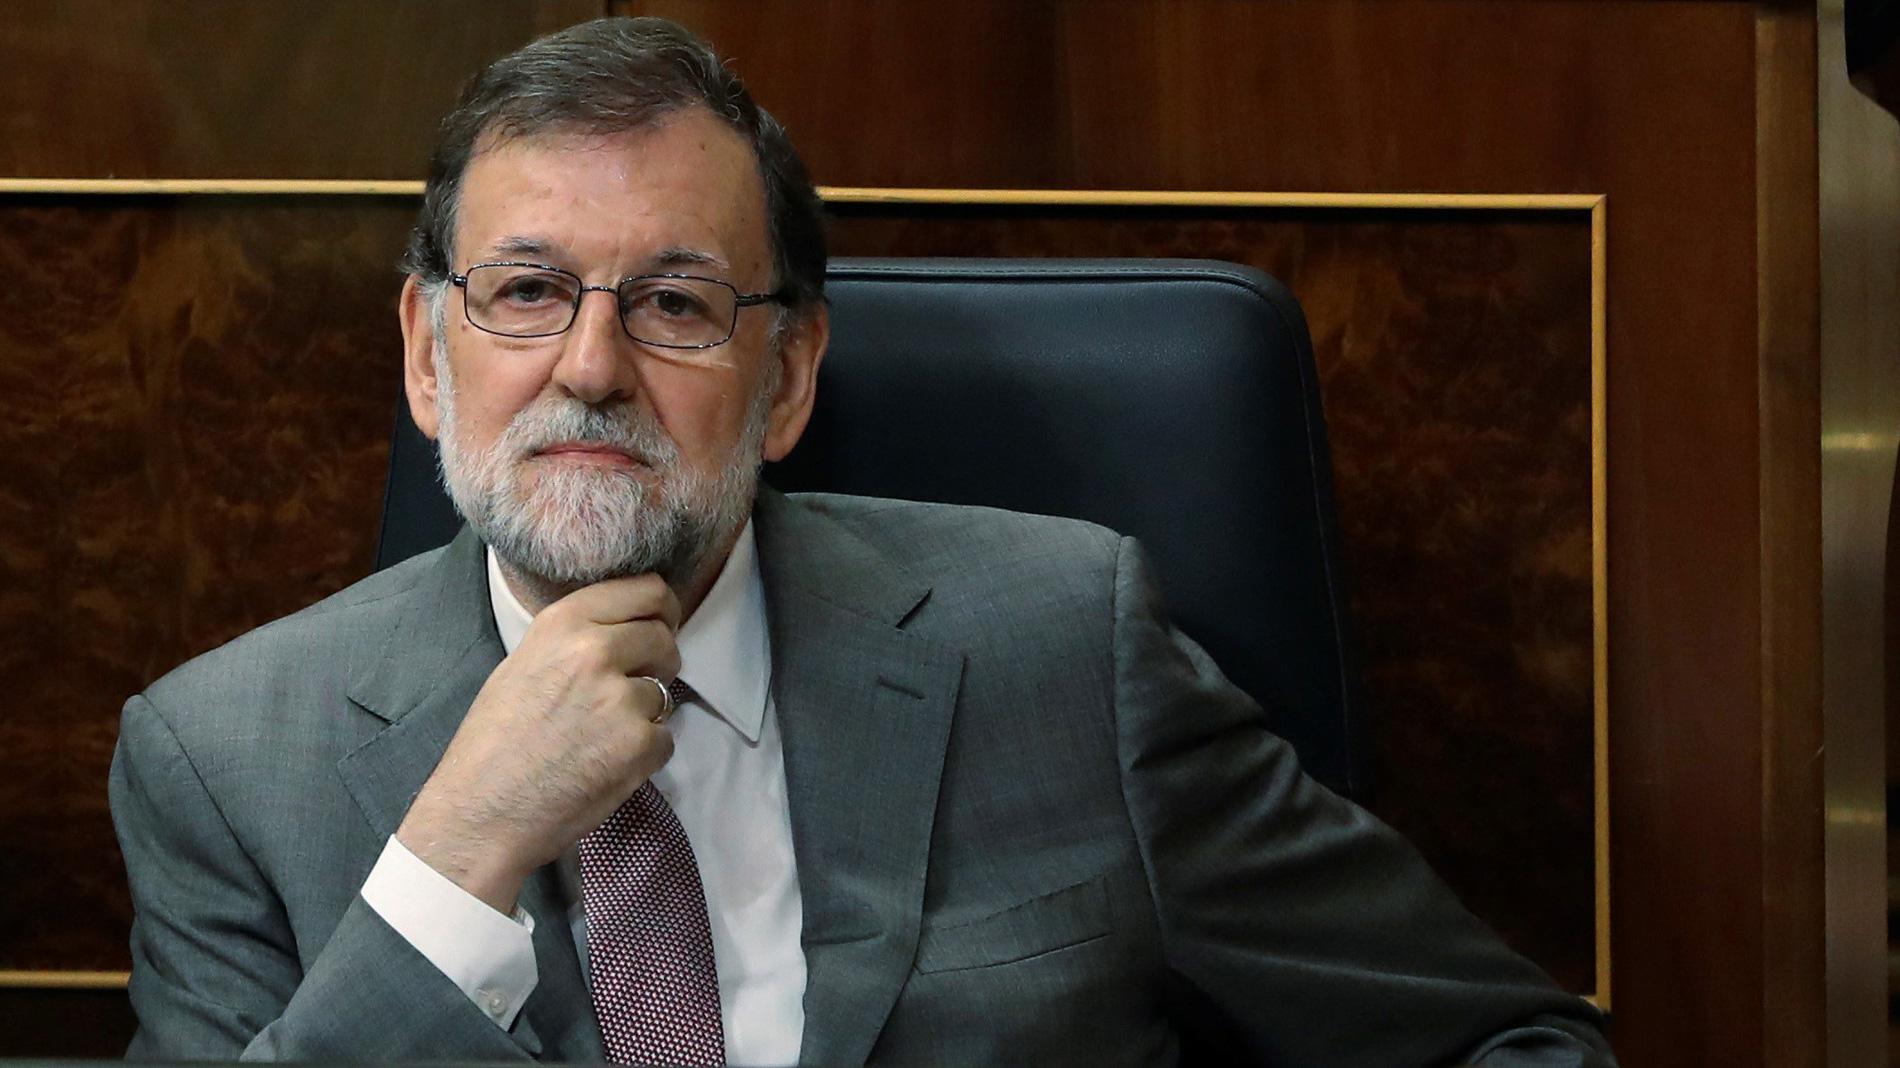 Así es el 'atajo' legal de Sánchez para tramitar los presupuestos que ya utilizaron Rajoy, Aznar y Zapatero